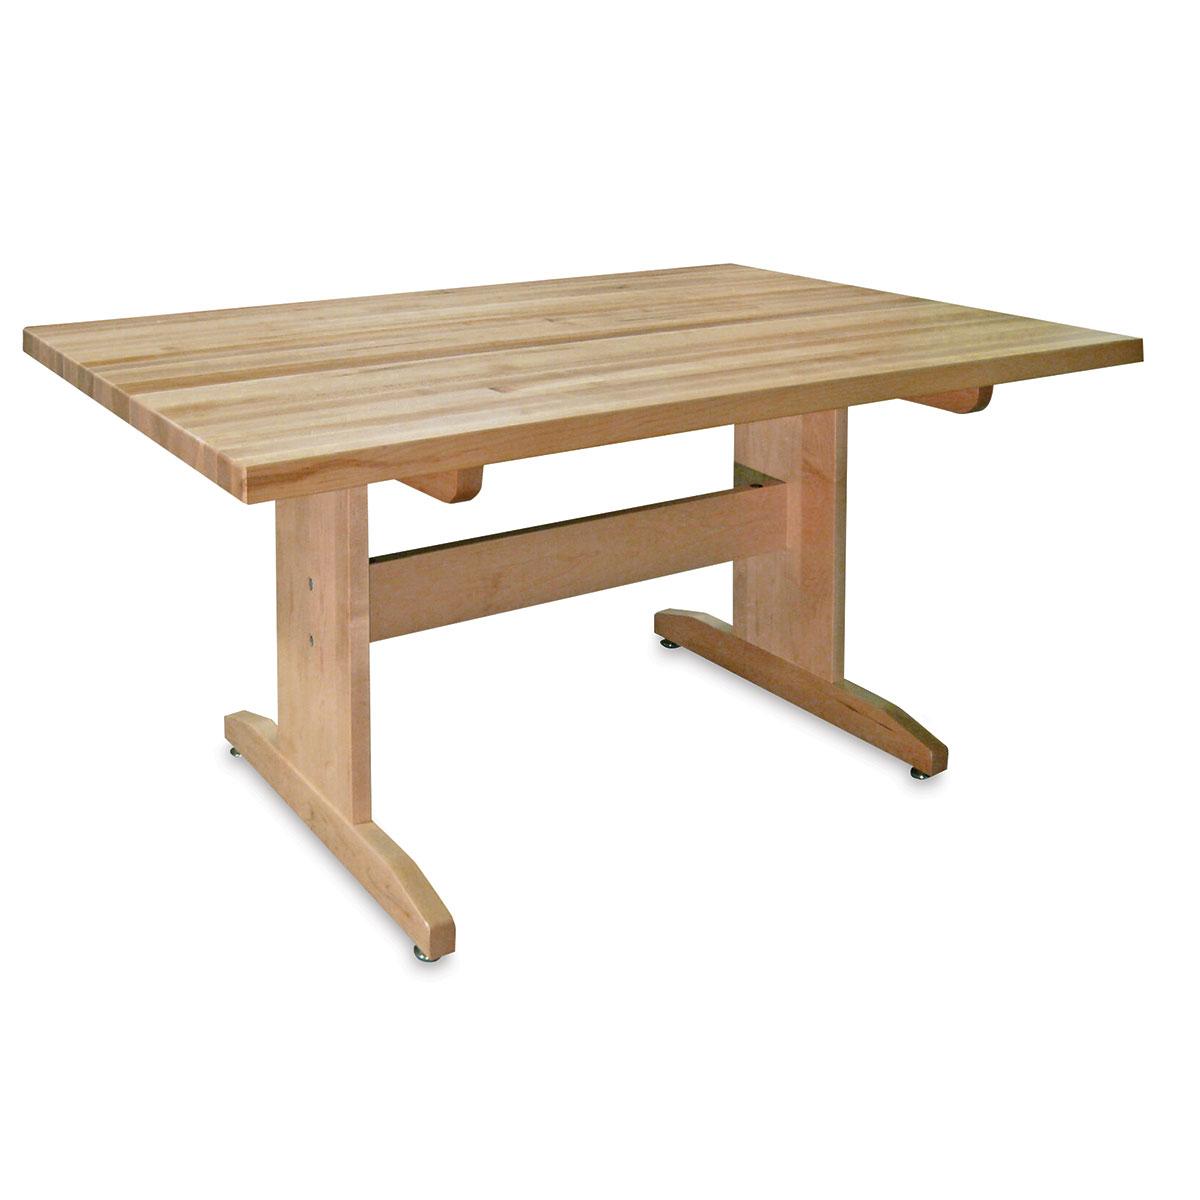 Classroom Tables And Desks Blick Art Materials